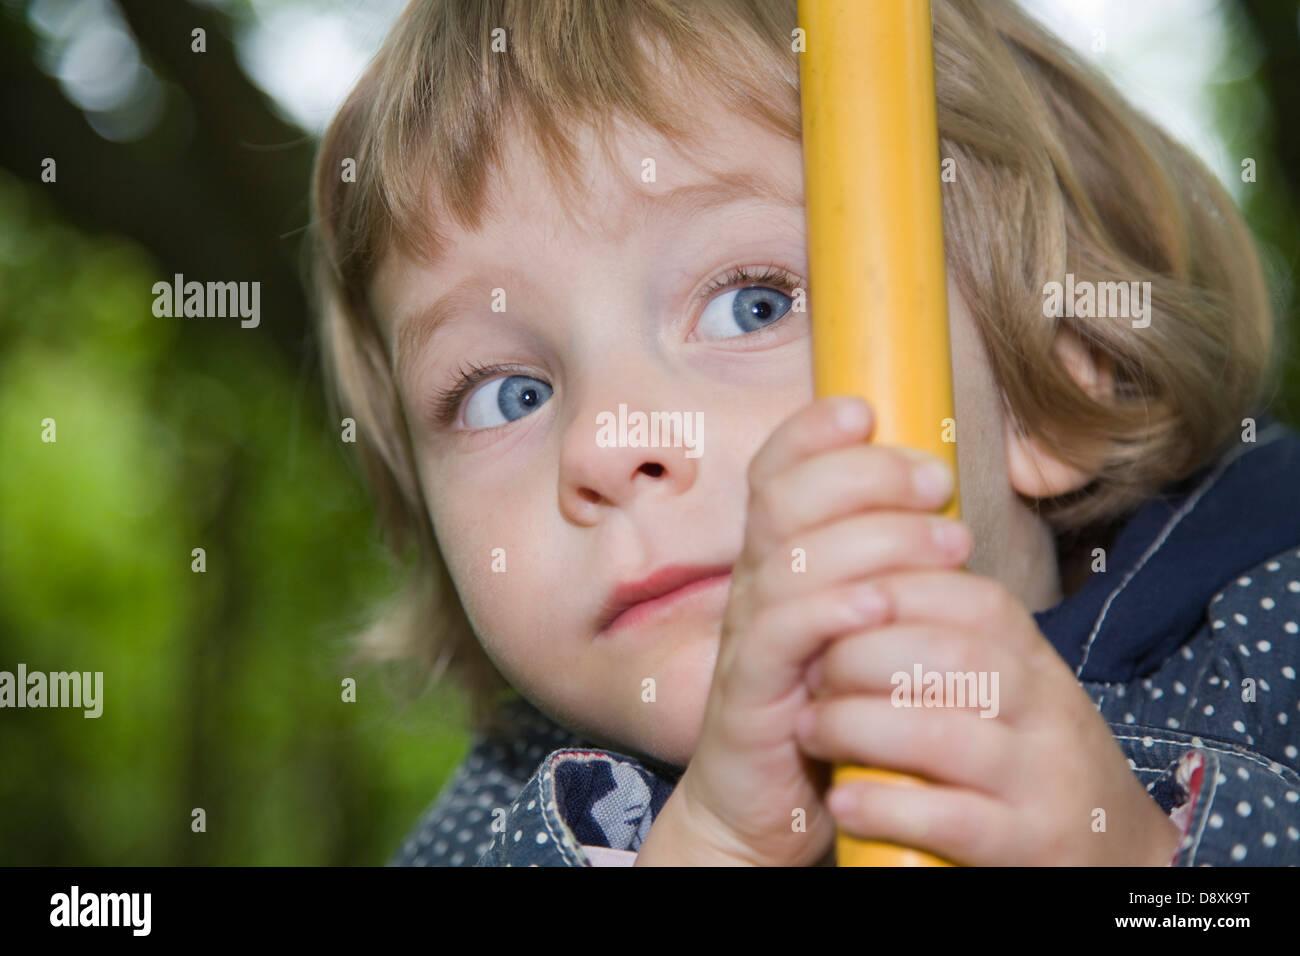 Drei-jährige Mädchen versteckt sich hinter einer bar Stockbild